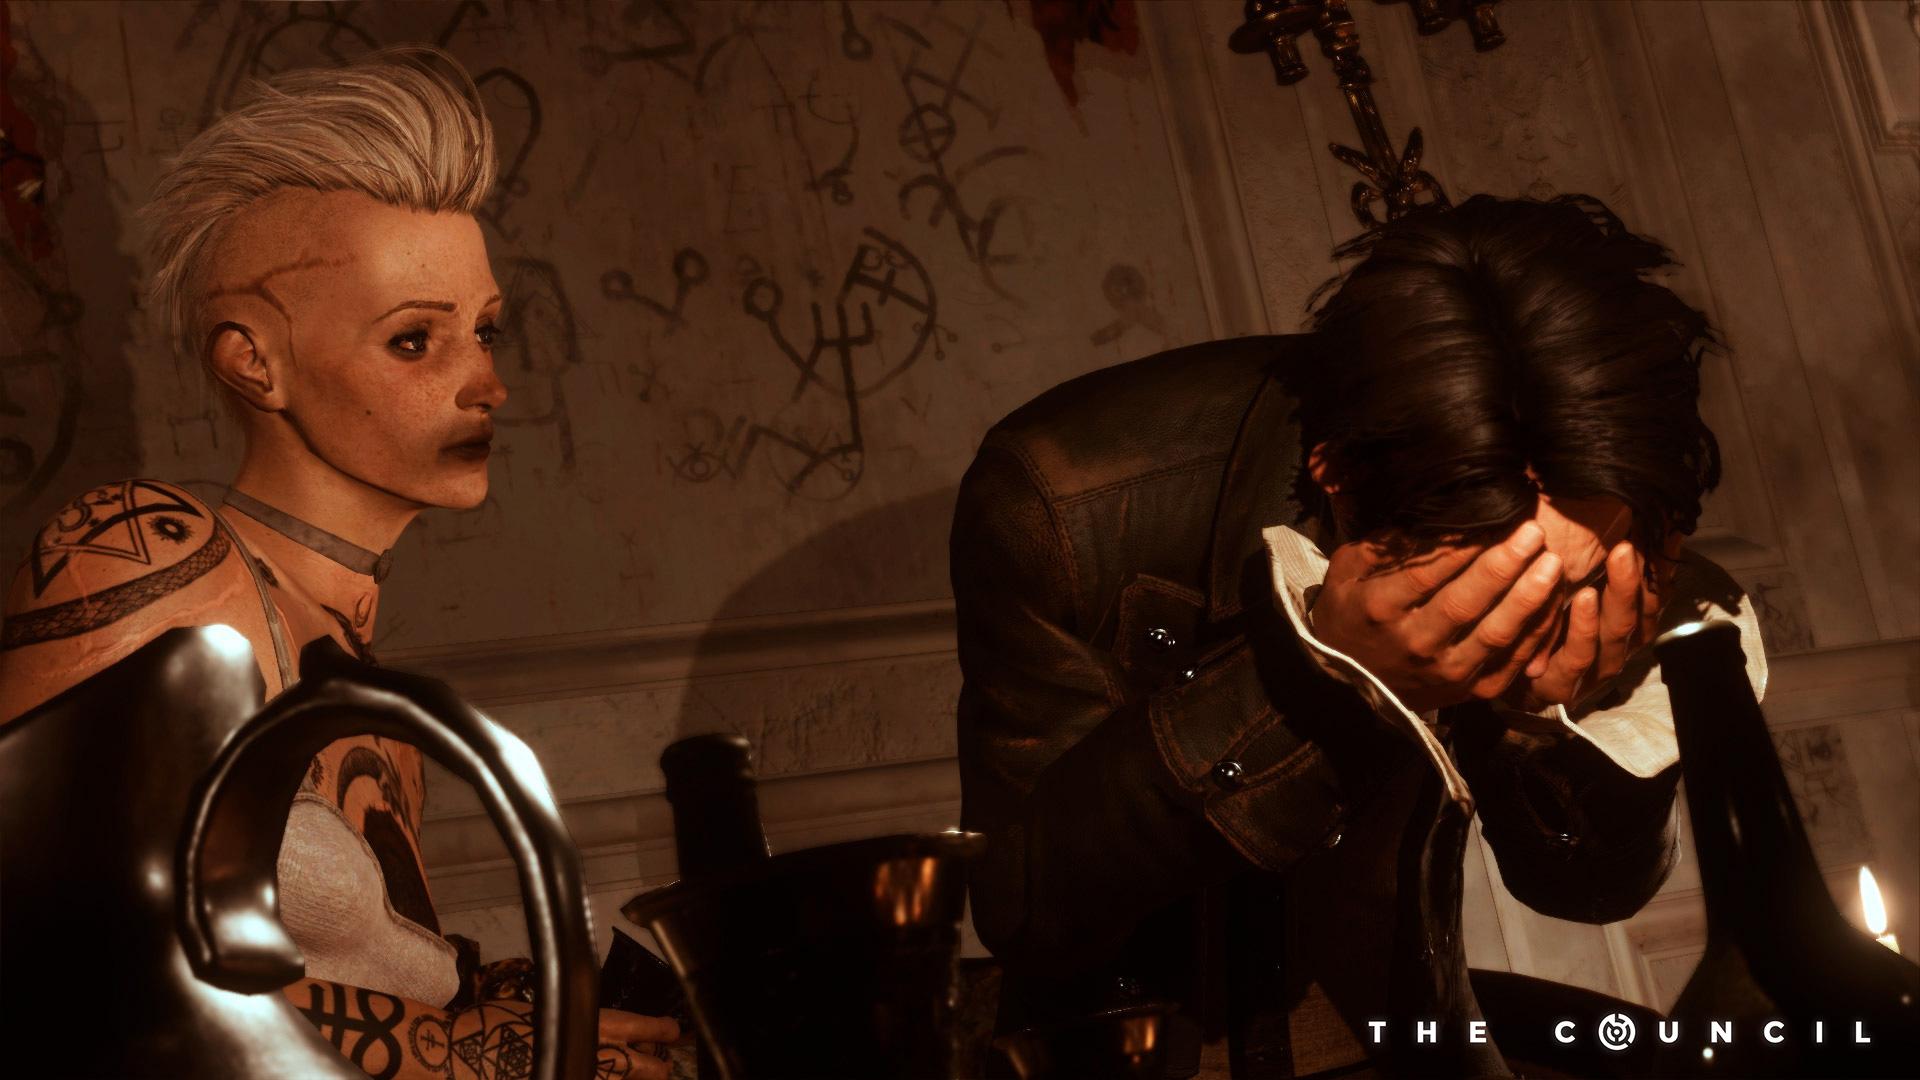 Vous êtes sûrs qu'on est en 1793 ? Parce qu'à un ou deux détails près, ça ressemble quand même vachement aux soirées gothiques de ma folle jeunesse.